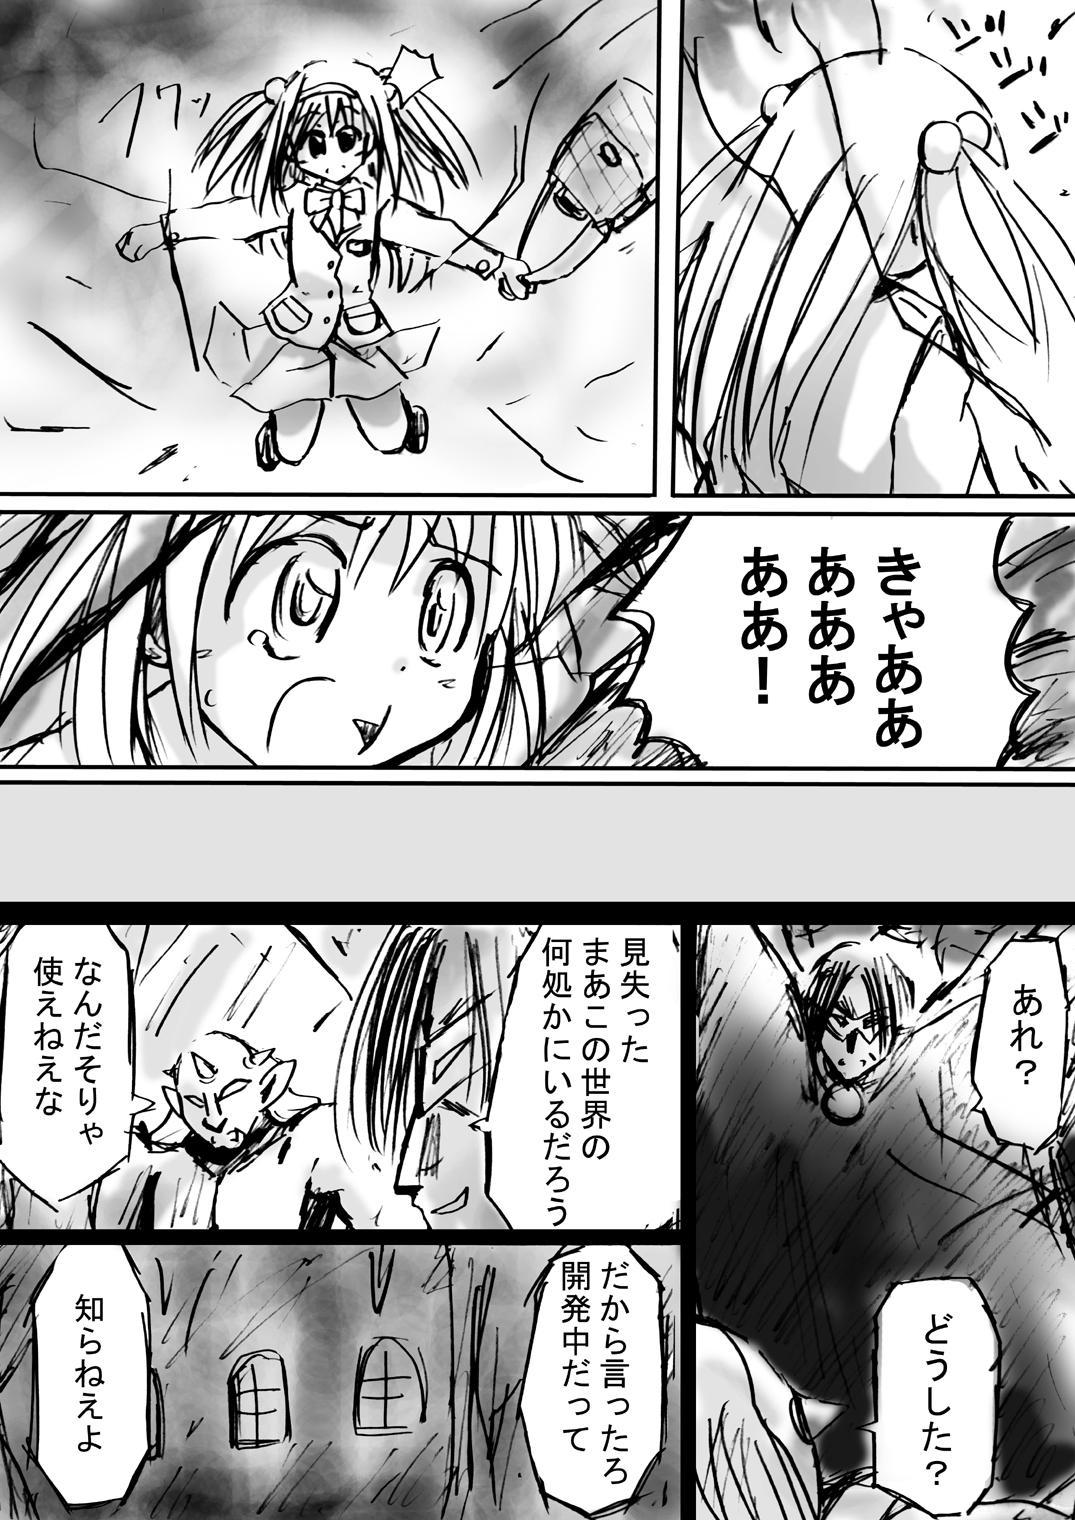 [Dende] Fushigi Sekai -Mystery World- Nonoha 5 ~Jokuma no Kyouniku no Tainai Shinshoku~ 18